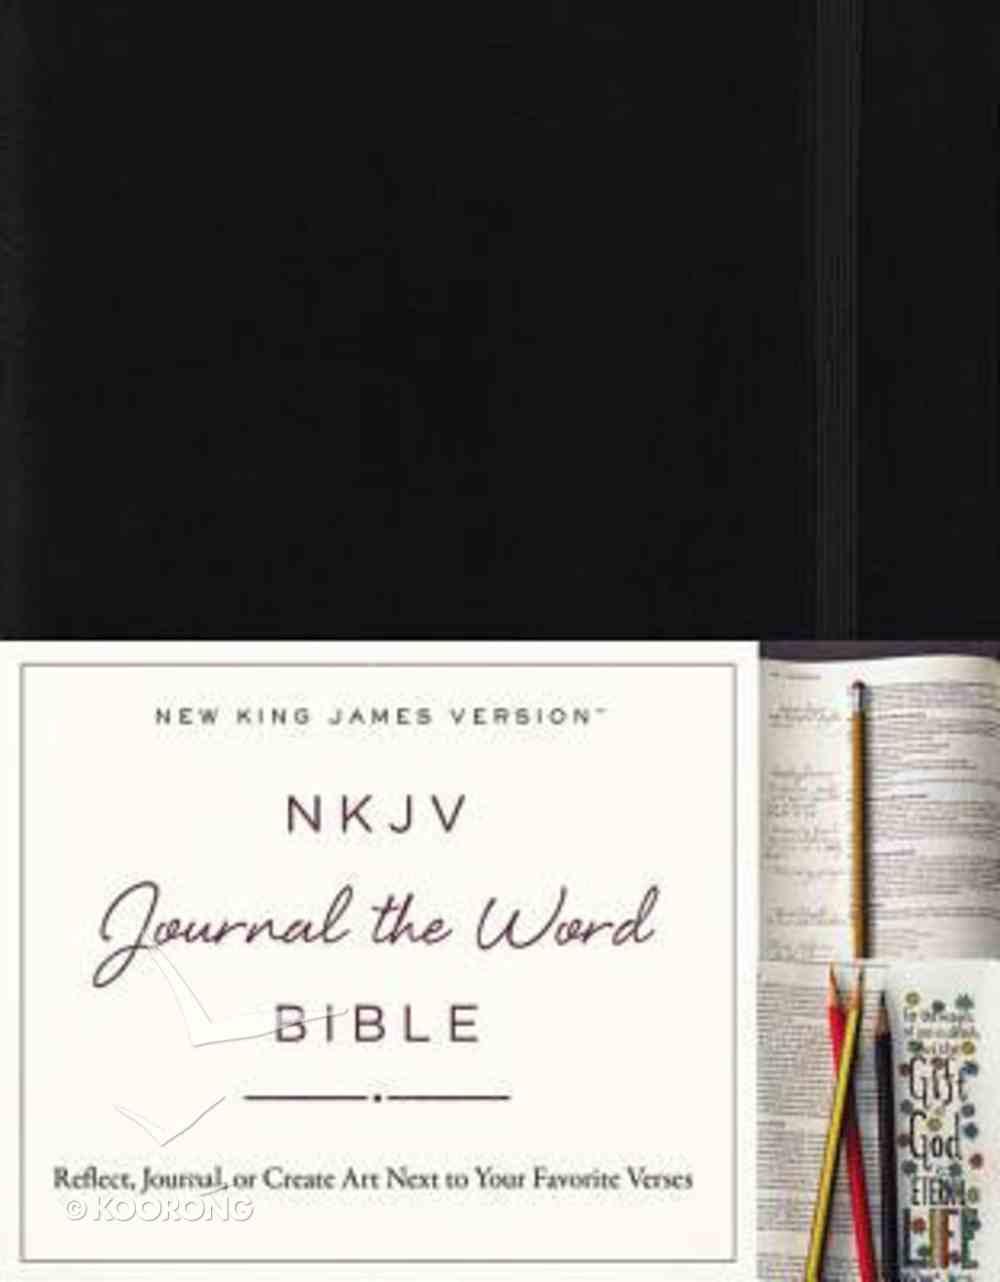 NKJV Journal the Word Bible (Red Letter Edition) Hardback